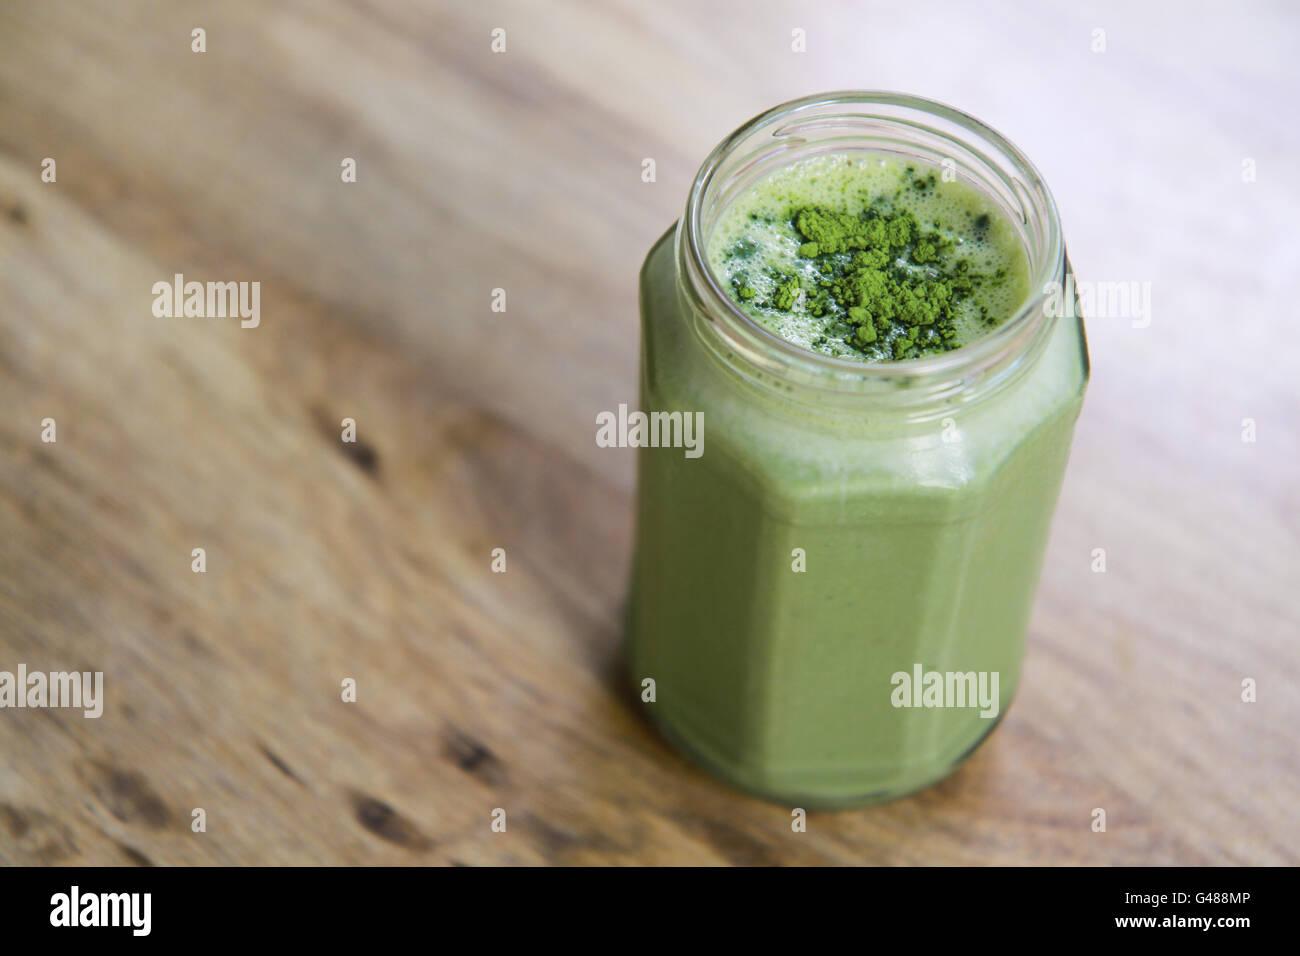 Tè Verde matcha smoothie frullato in un barattolo di vetro sulla tabella precedente angolo di visione, orientamento Immagini Stock